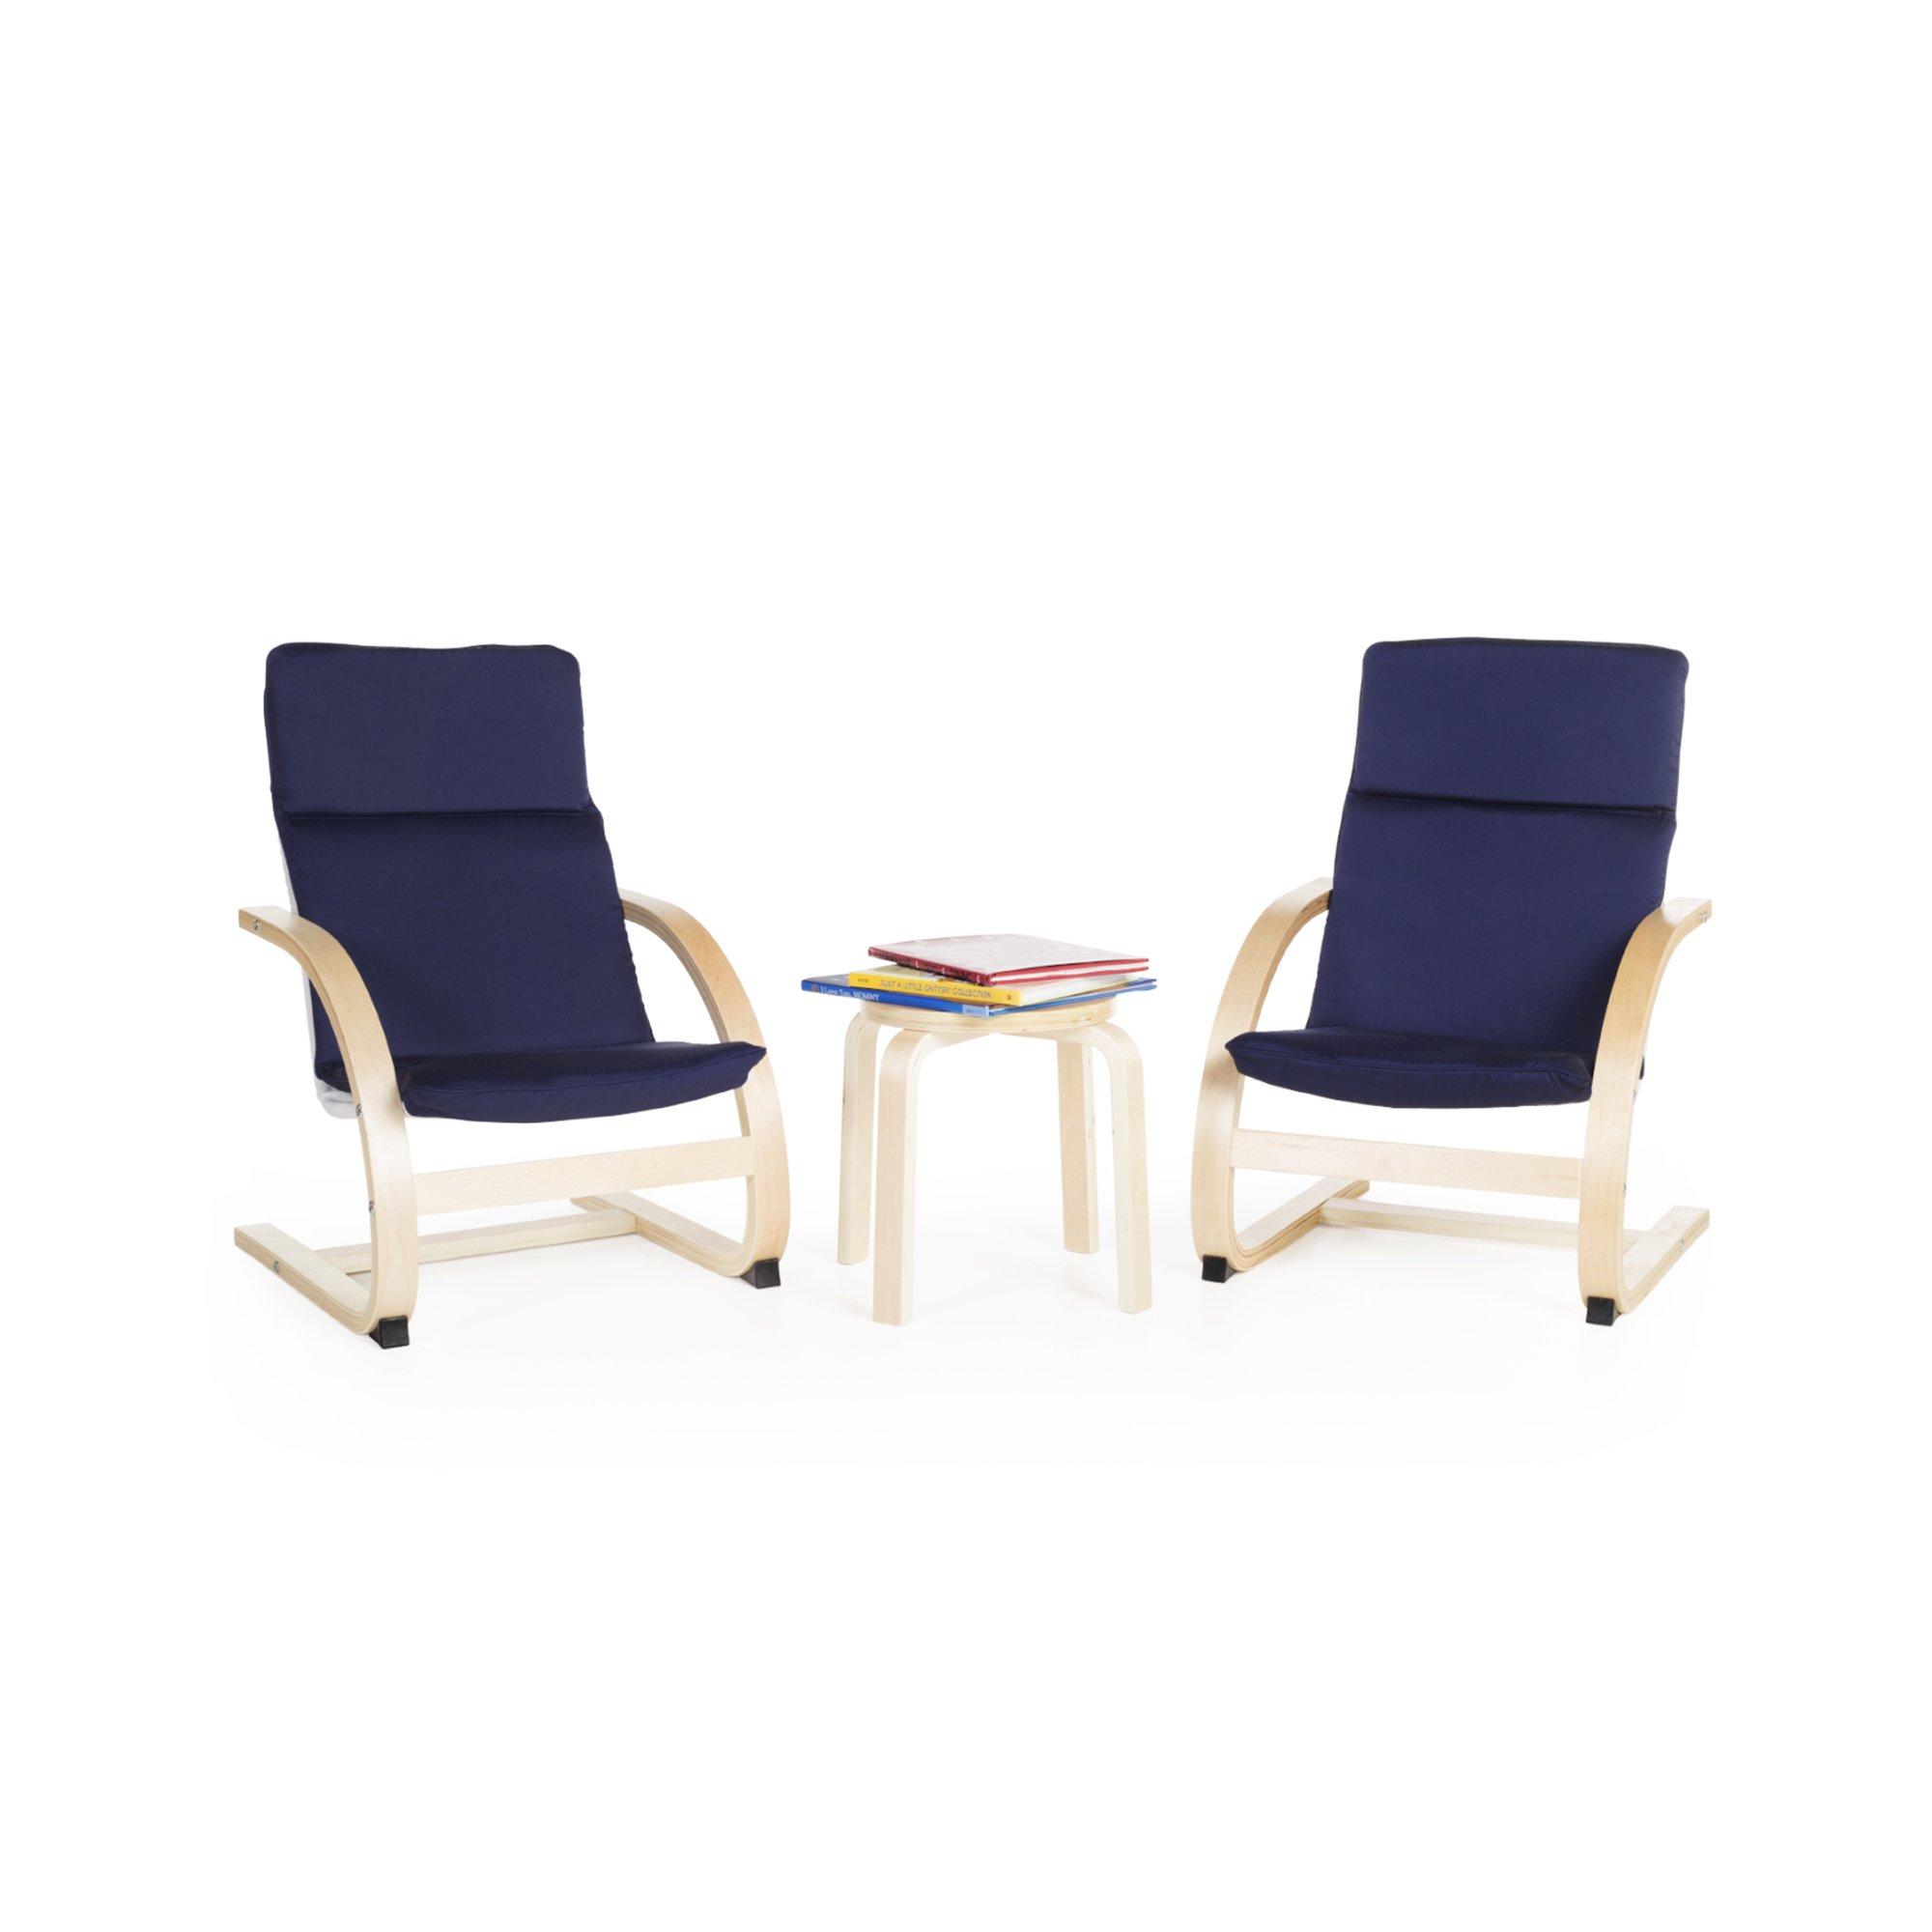 Guidecraft Kiddie Rocker Chair Set - Blue G6406 by Guidecraft